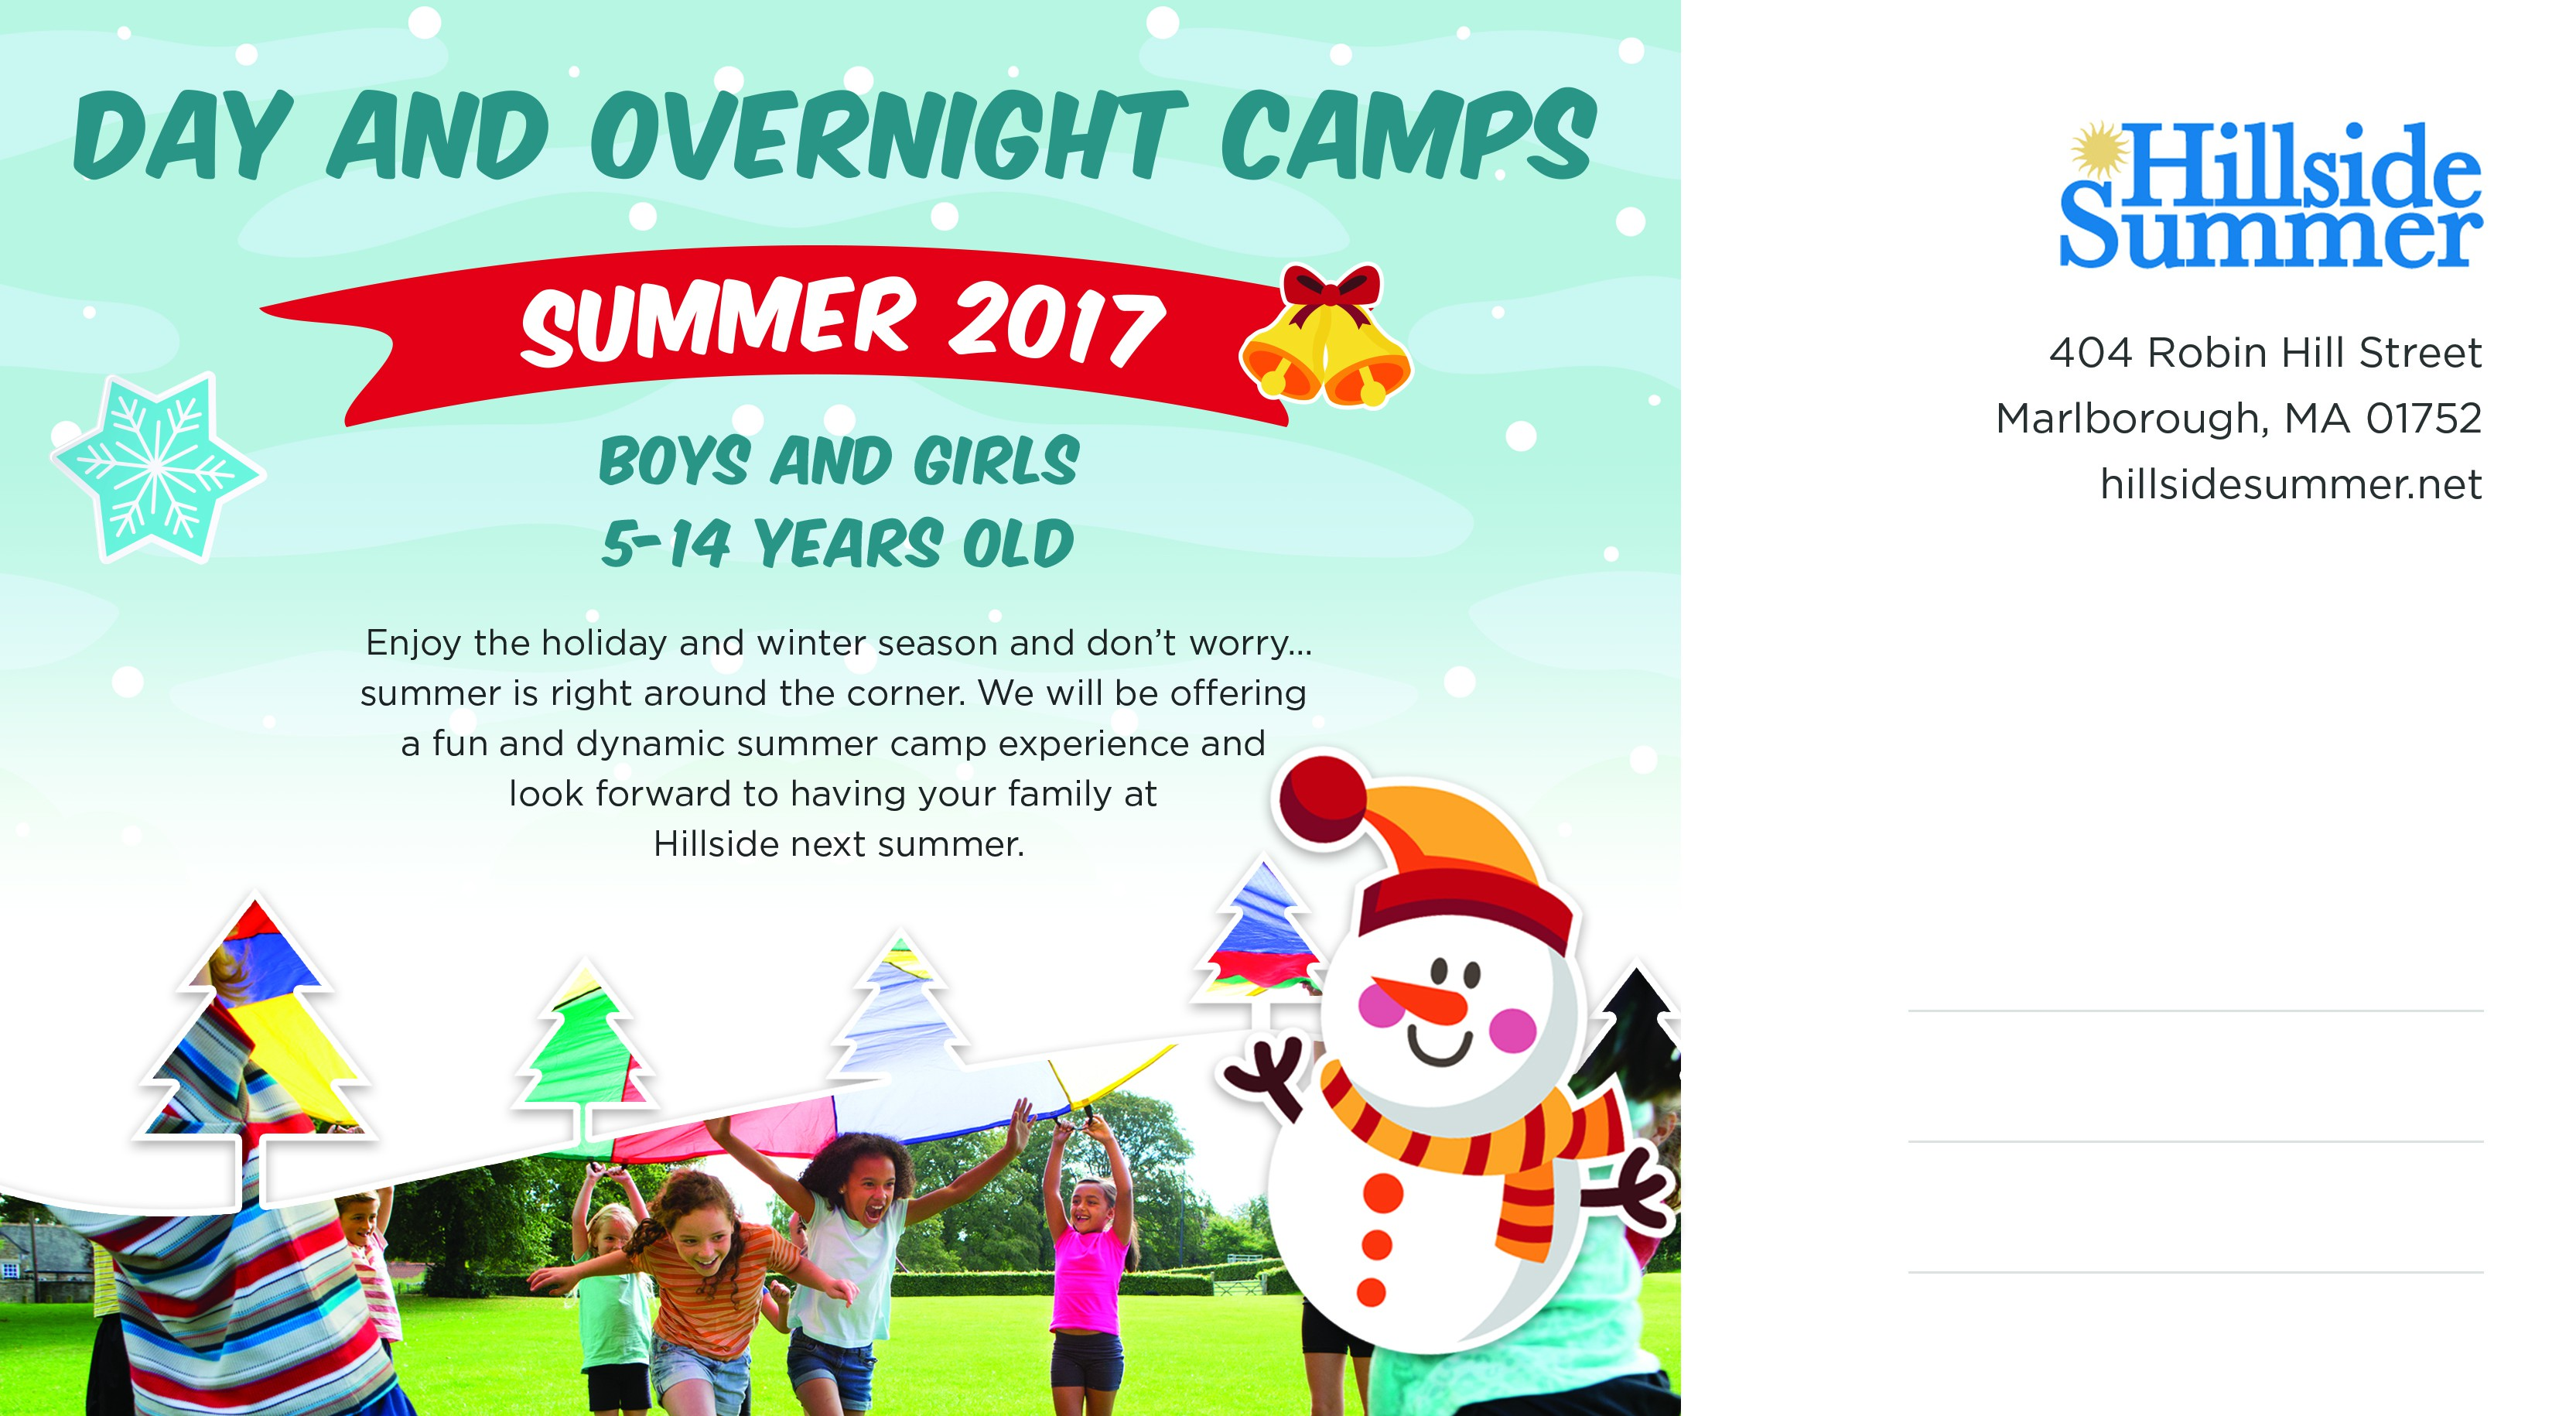 Hillside Summer Holiday Postcard